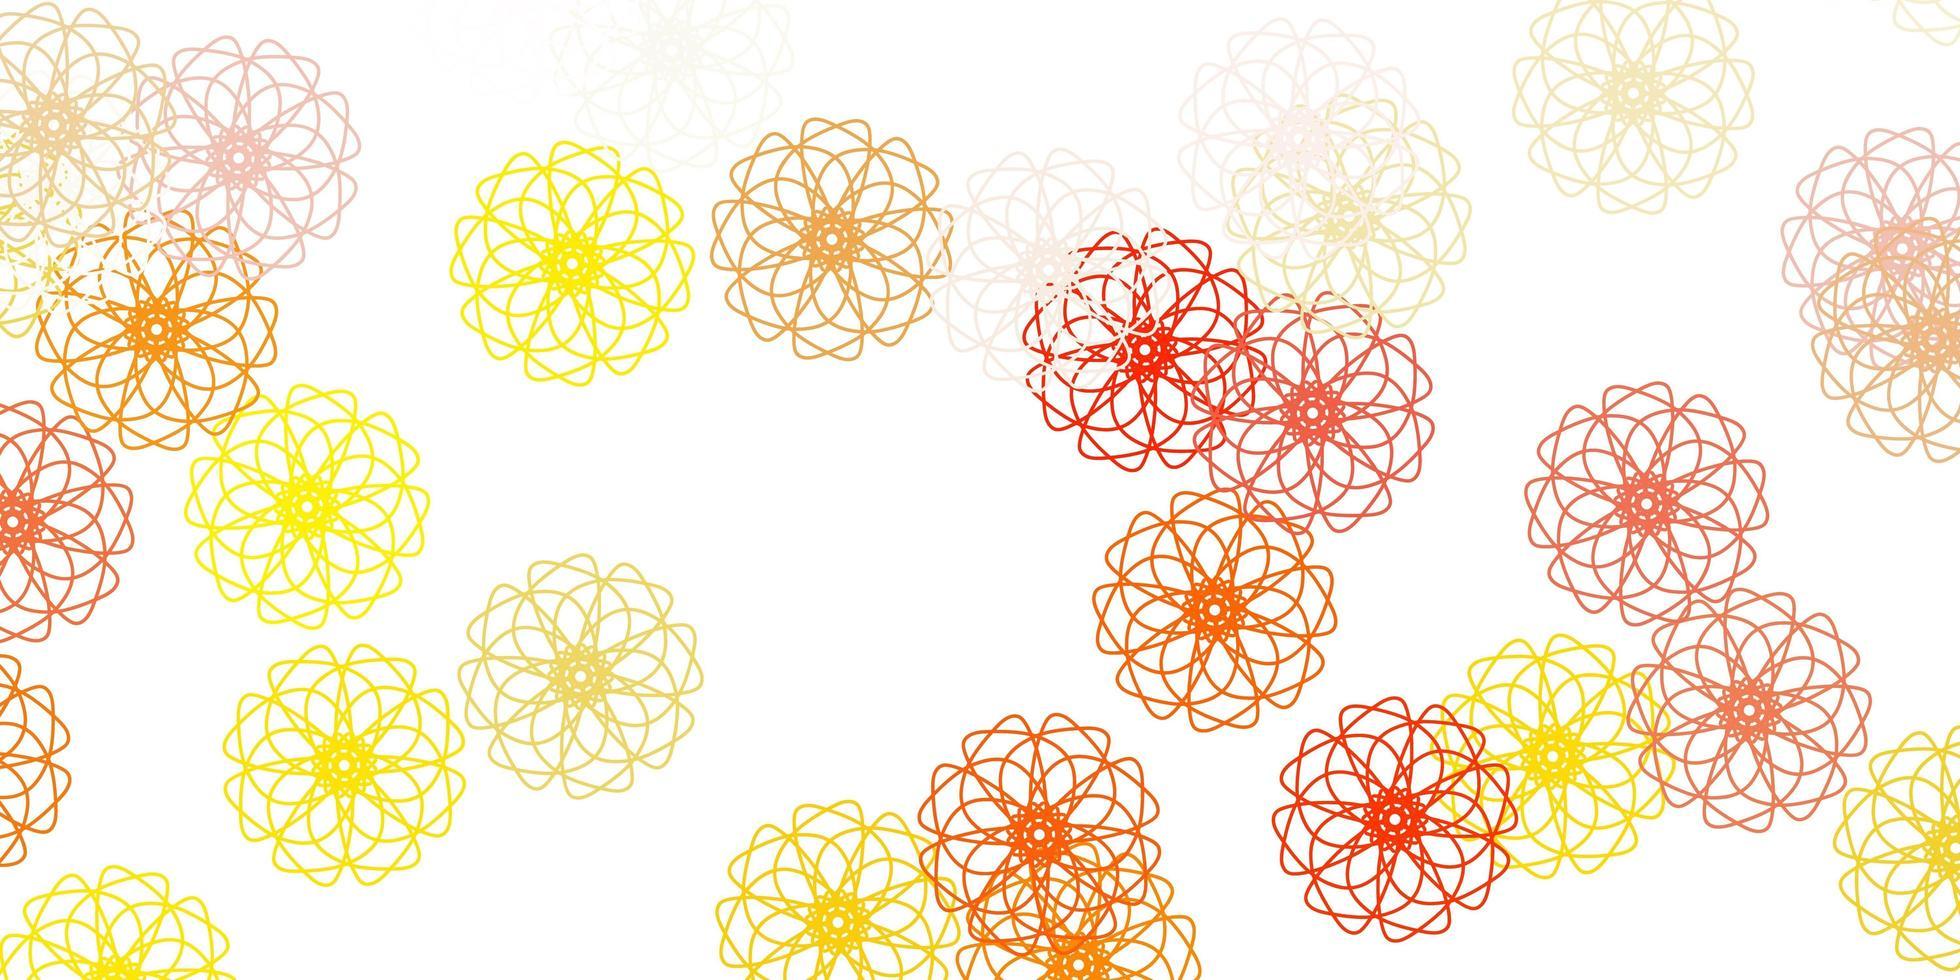 textura de doodle de vetor laranja claro com flores.